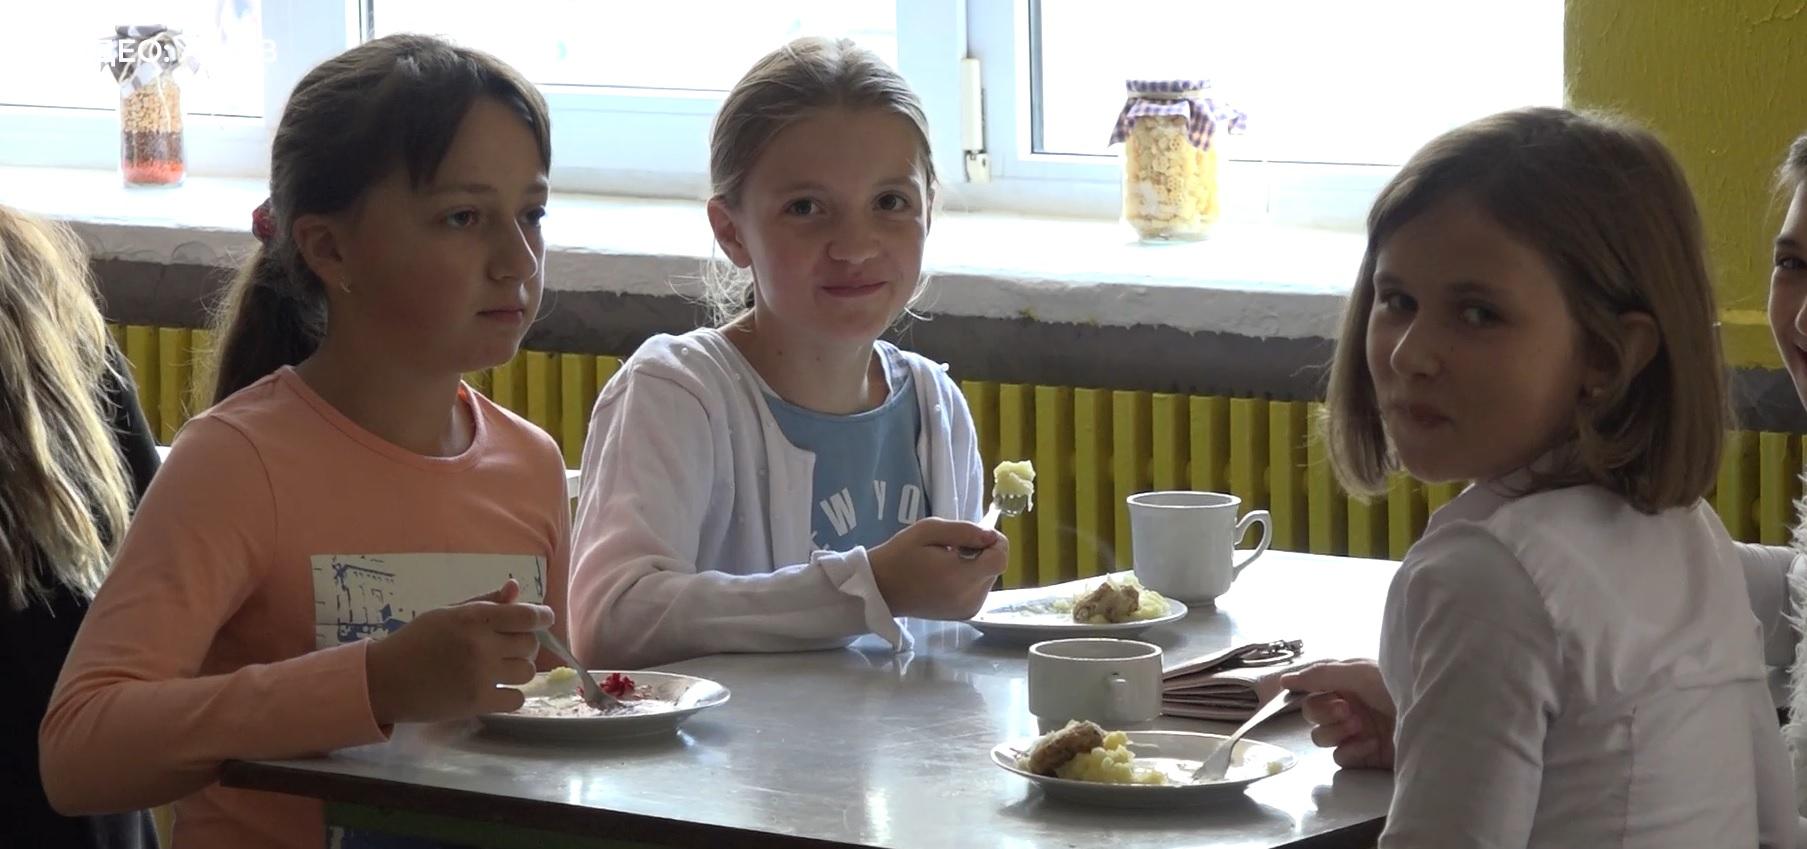 Чи є стафілокок на Тернопільщині: працівники МОЗ перевіряють шкільні їдальні